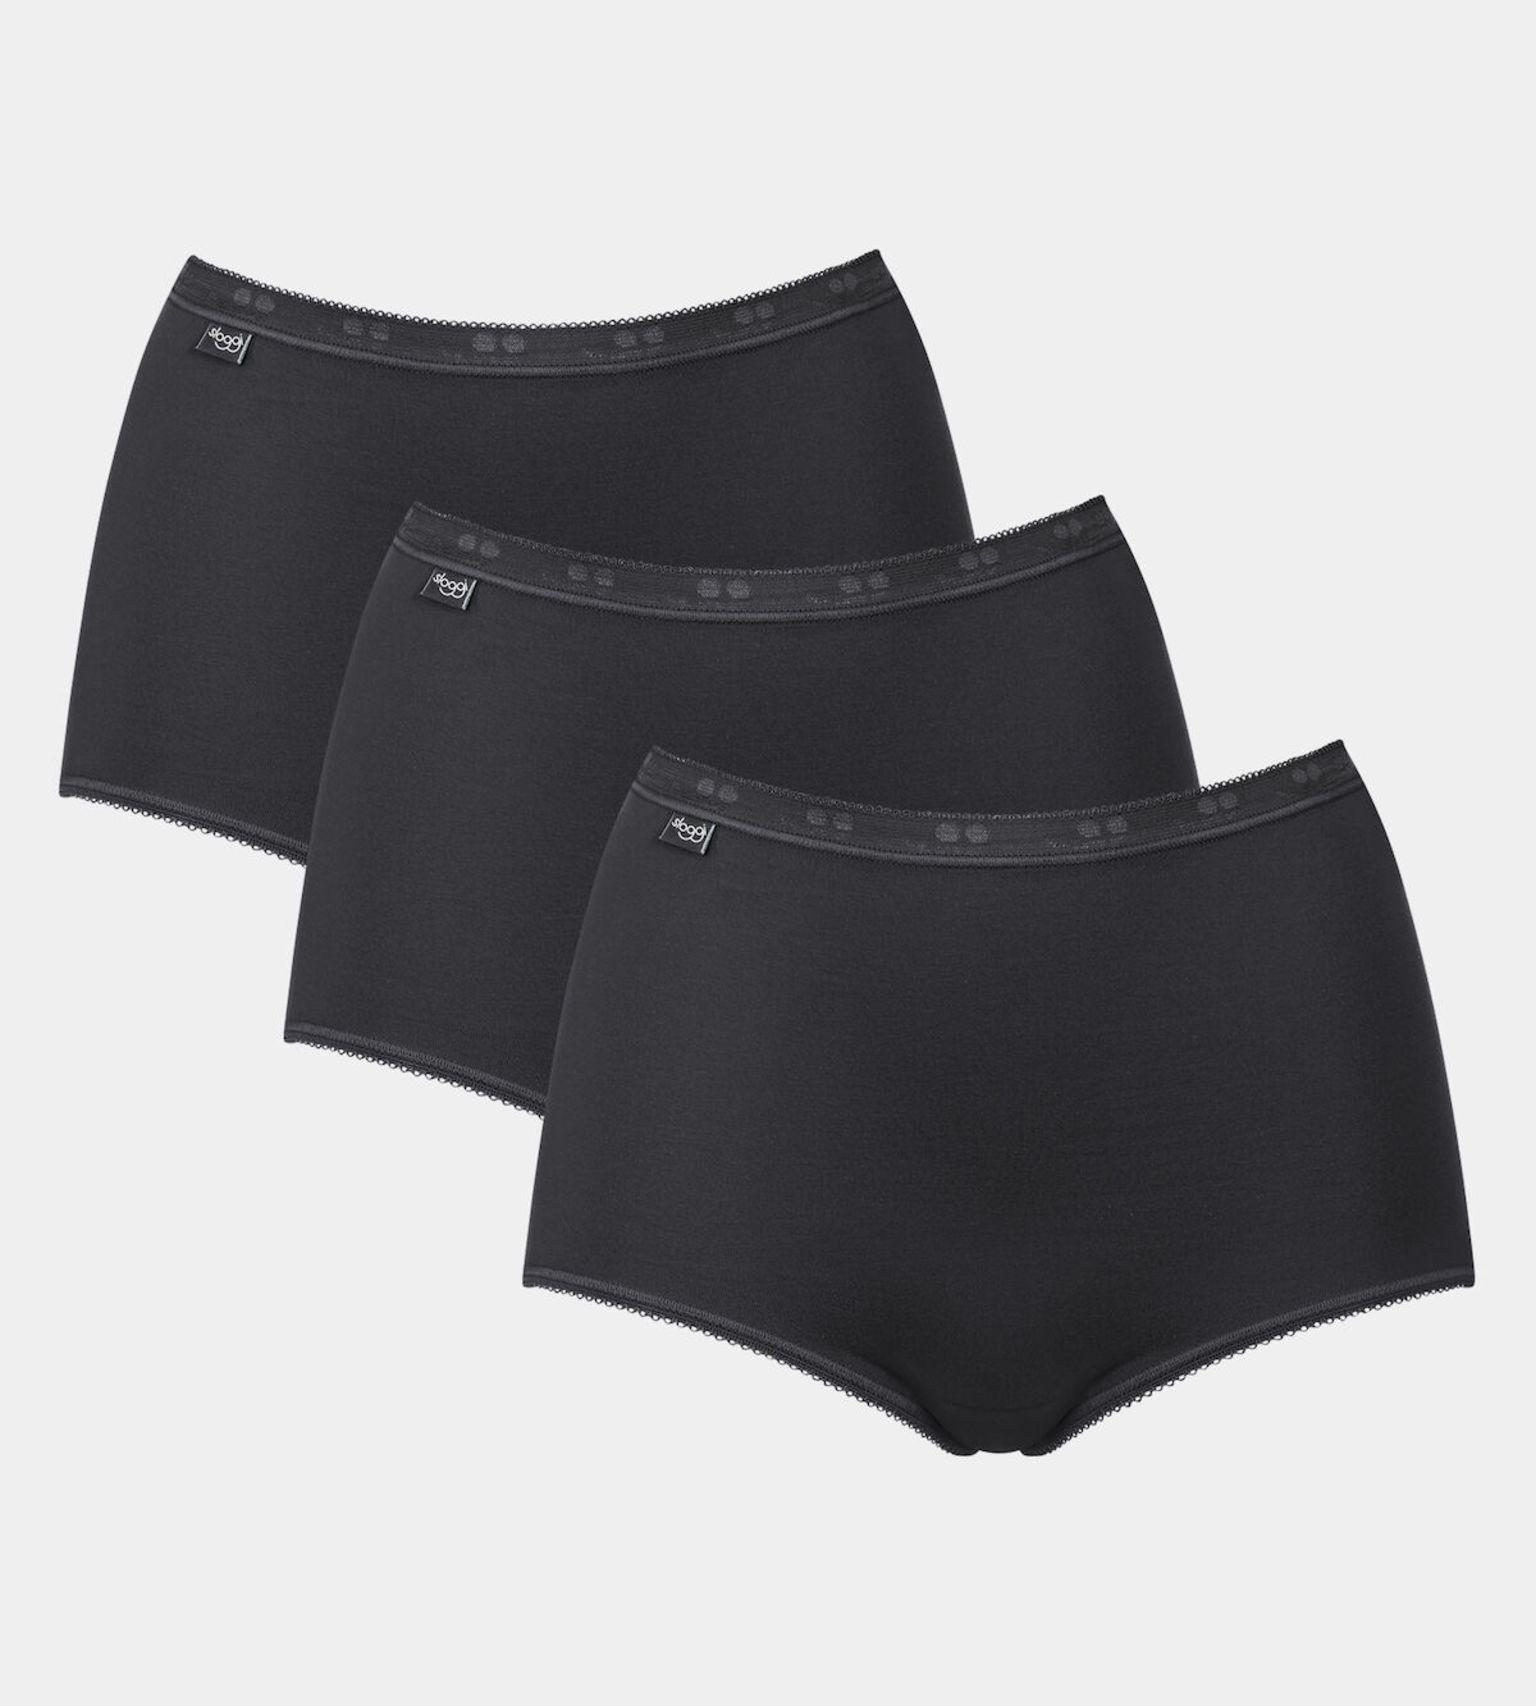 Dámske nohavičky Sloggi Basic + Maxi 3P čierna - Sloggi BLACK 42